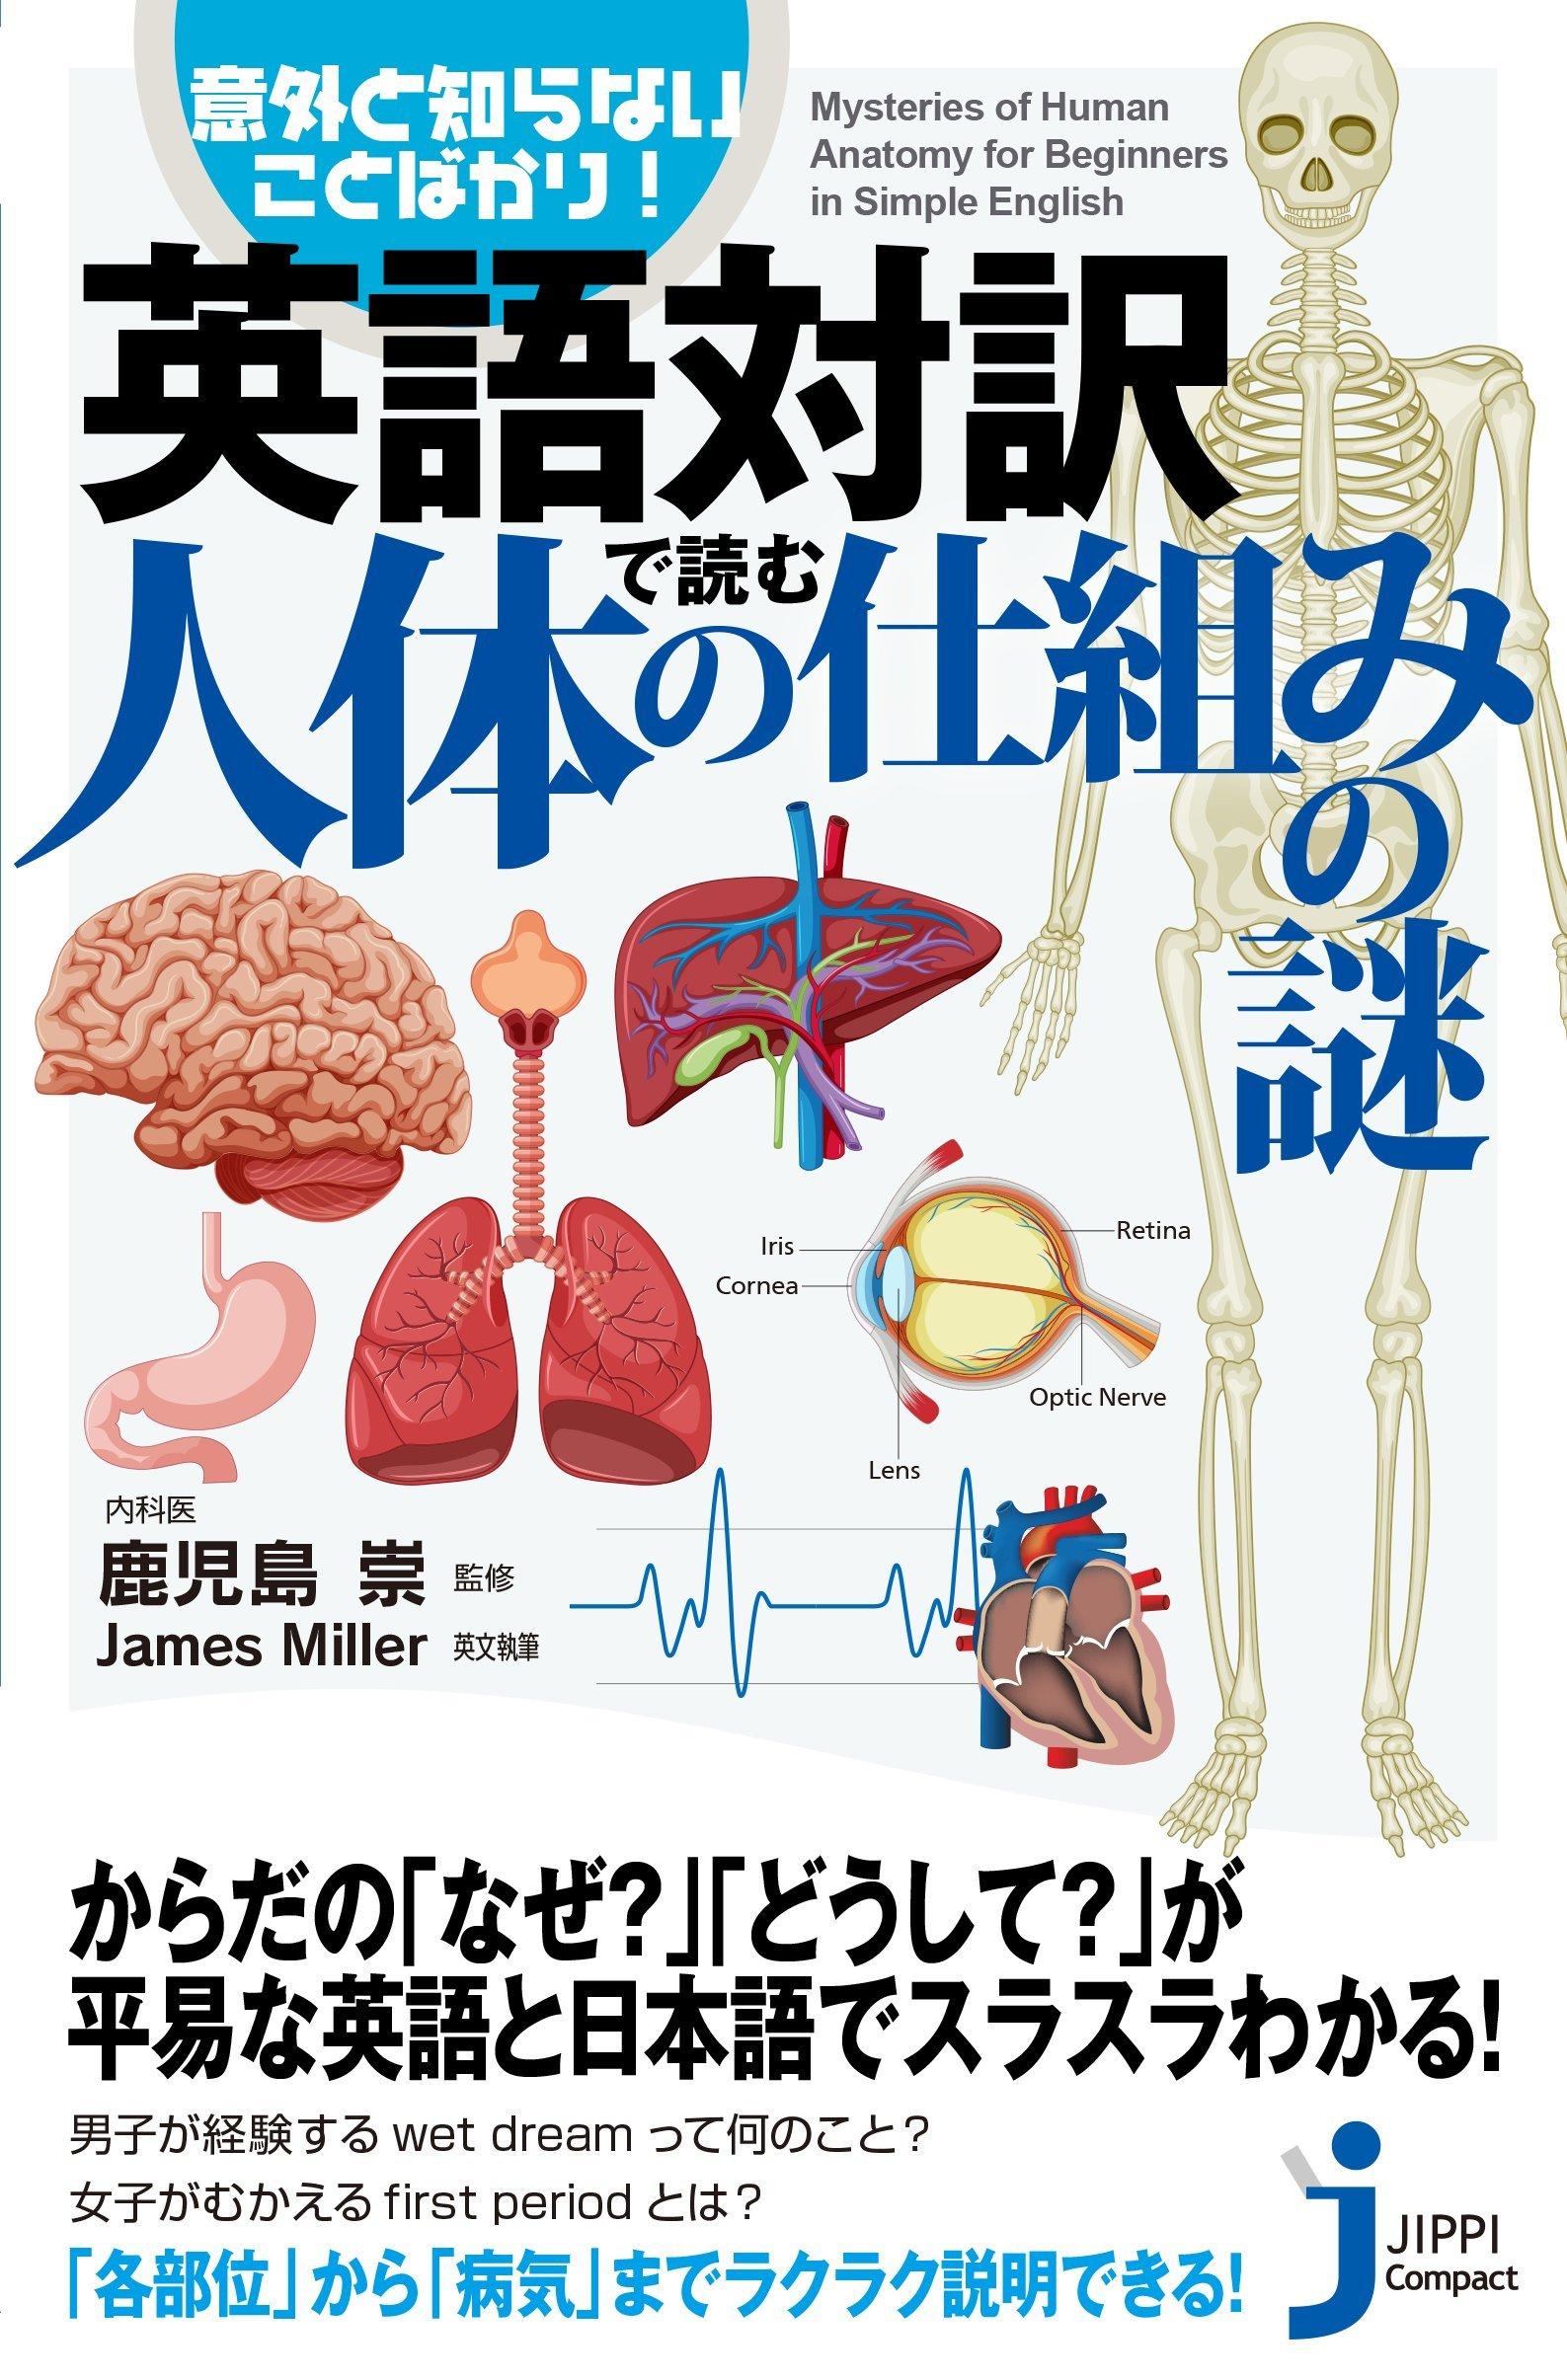 医療崩壊 英語